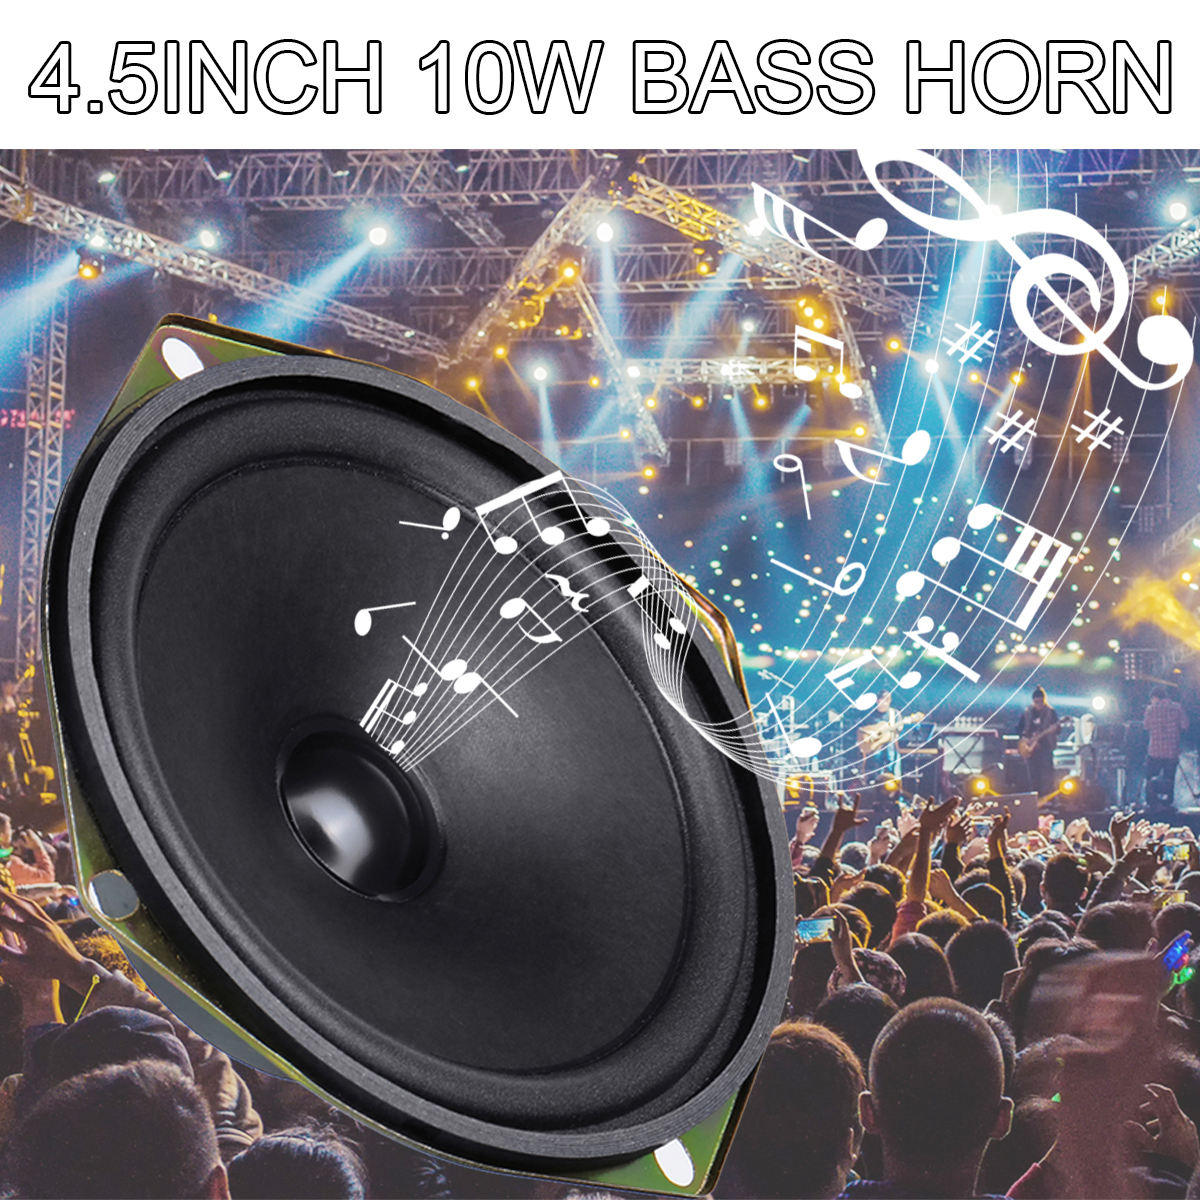 2 шт. 10 Вт 4,5 дюйма аксессуары для динамиков блок DIY бас гудок аксессуары для динамиков сабвуфер громкий динамик стерео сильный бас гудок|Аксессуары для аудиосистем|   | АлиЭкспресс